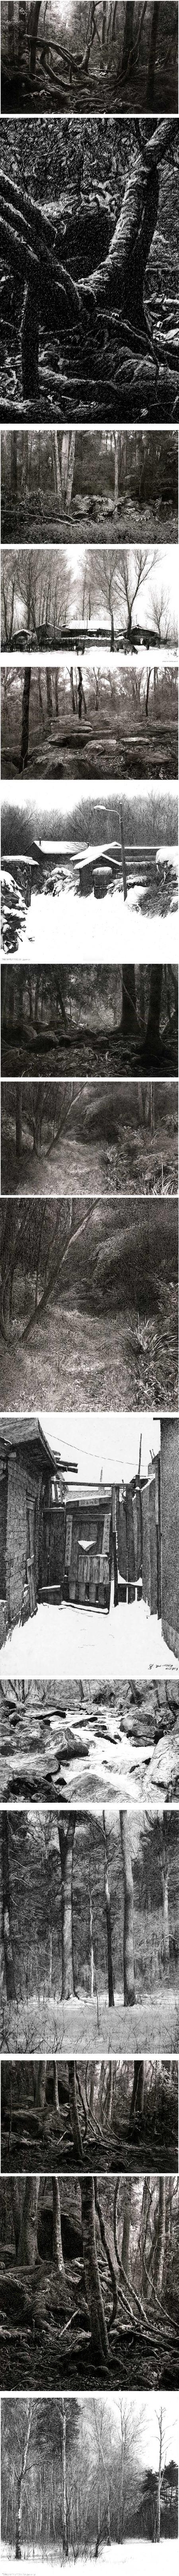 Yutang Yang, pen and ink